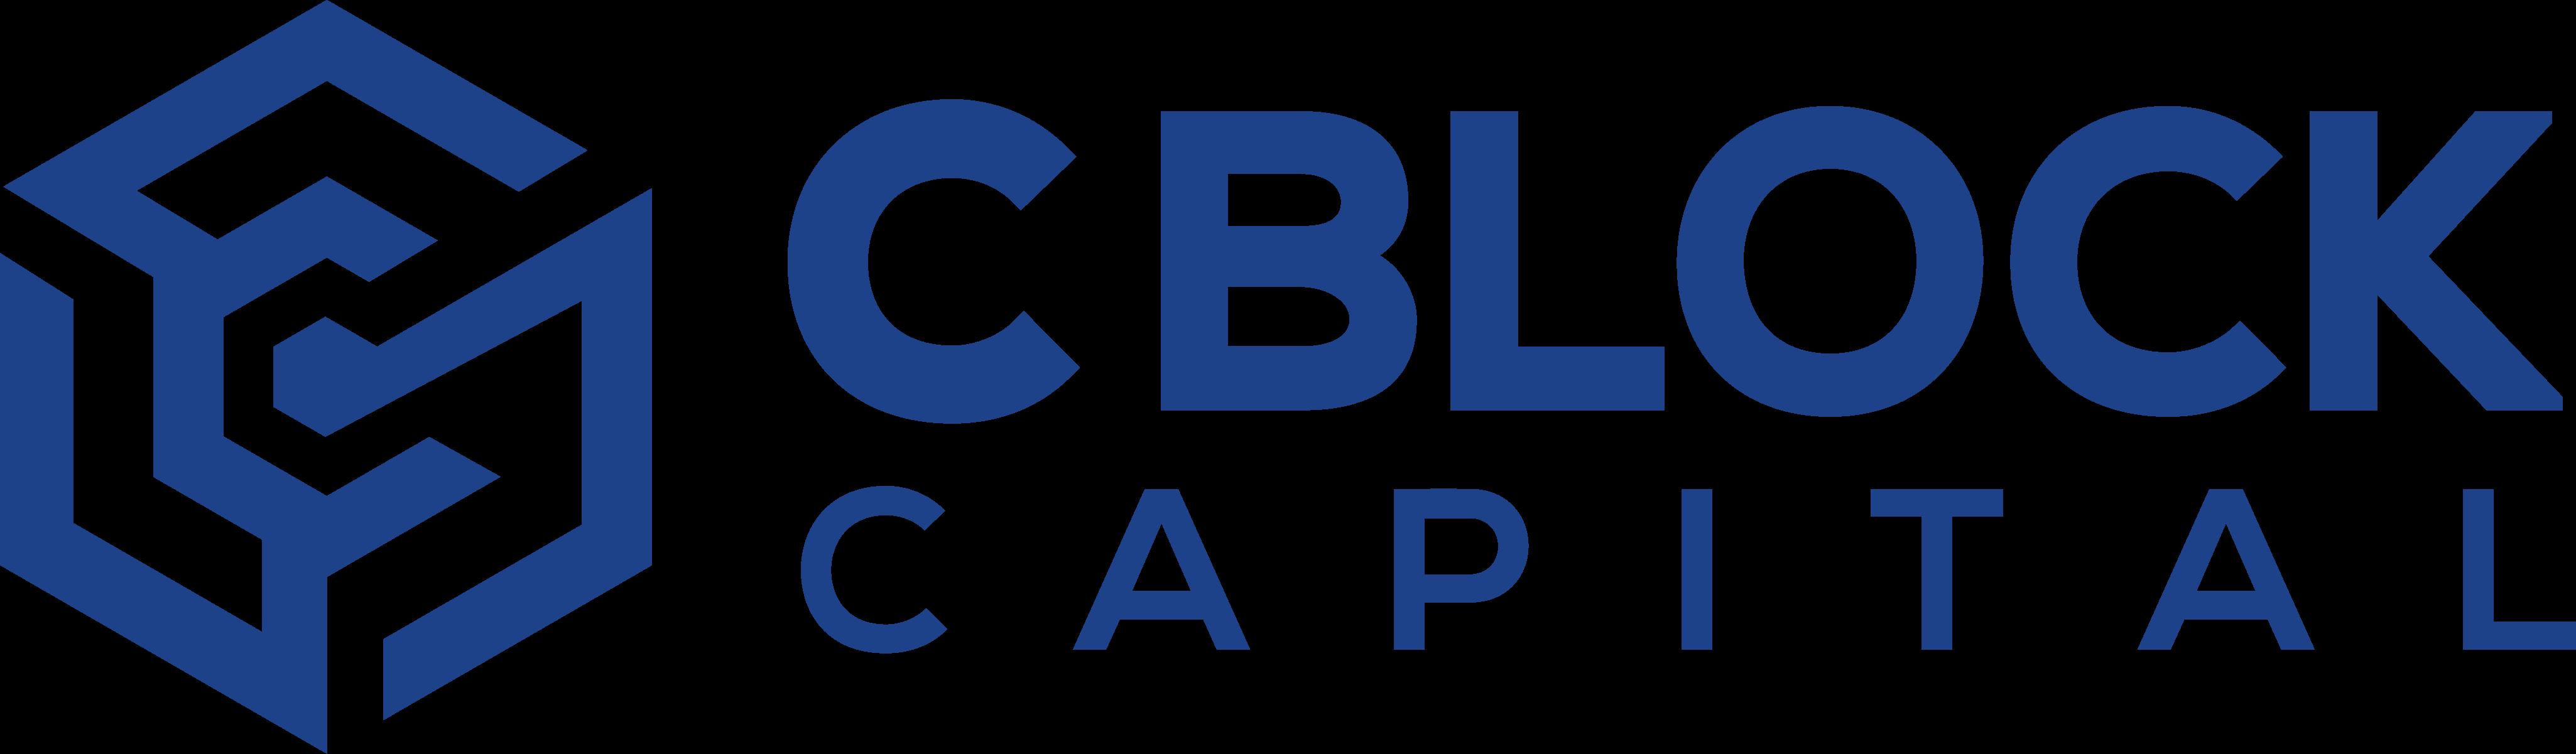 SyncFab adopta la solución de cadena de suministro Blockchain para atender a los compradores del mercado asiático en MOU con C Block Capital - CriptoPasion